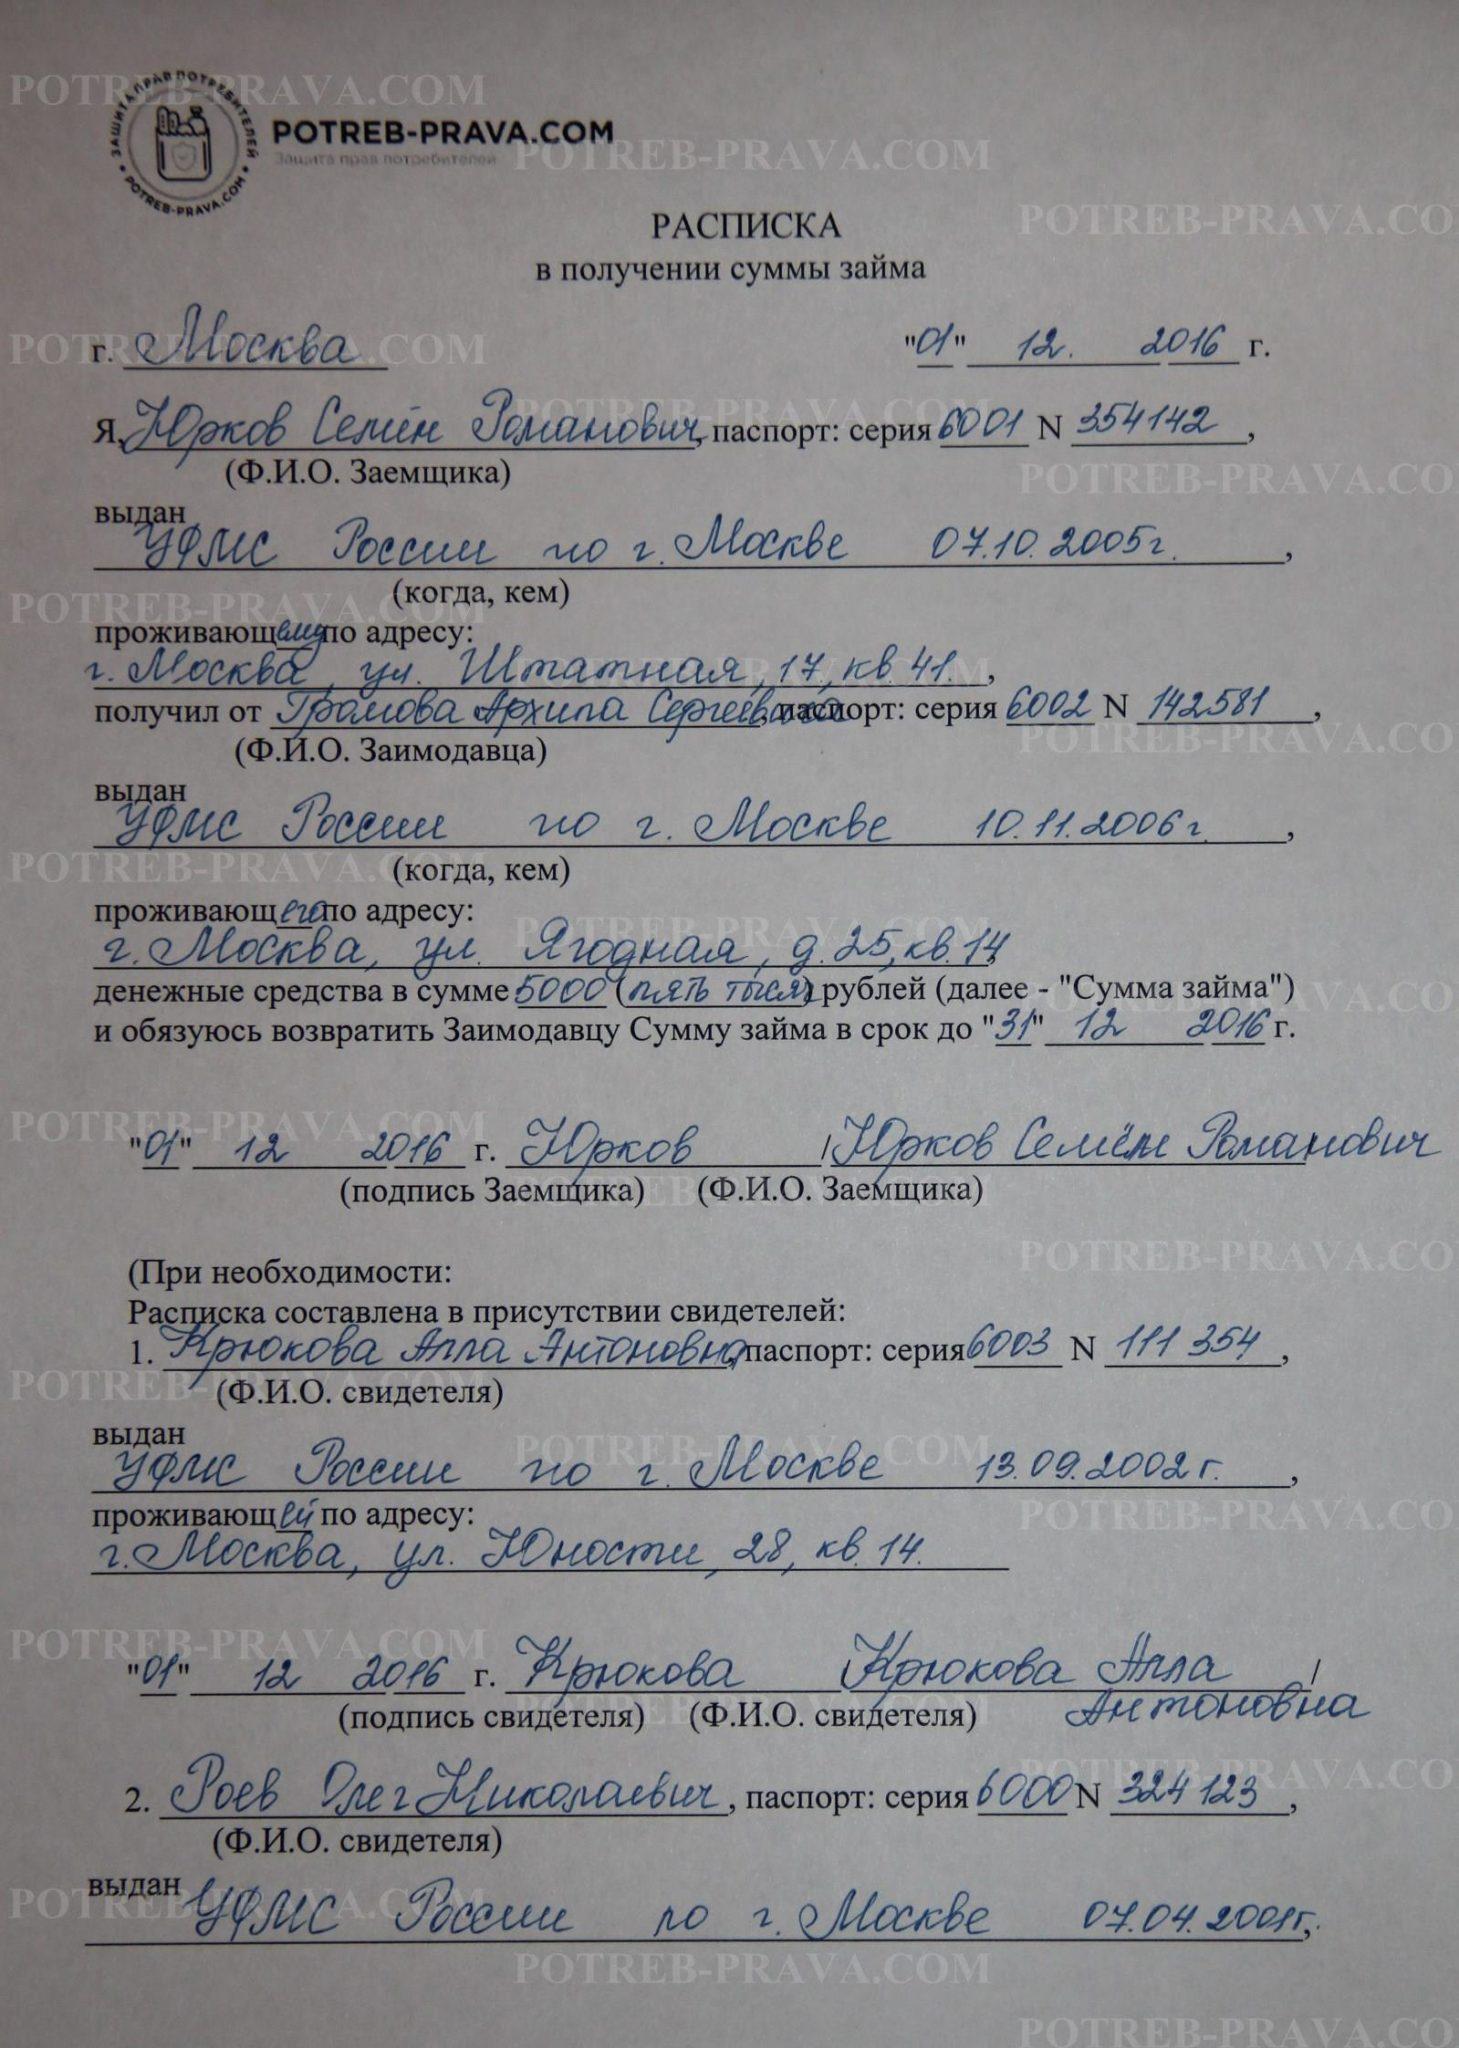 Пример заполнения расписки в получении суммы займа